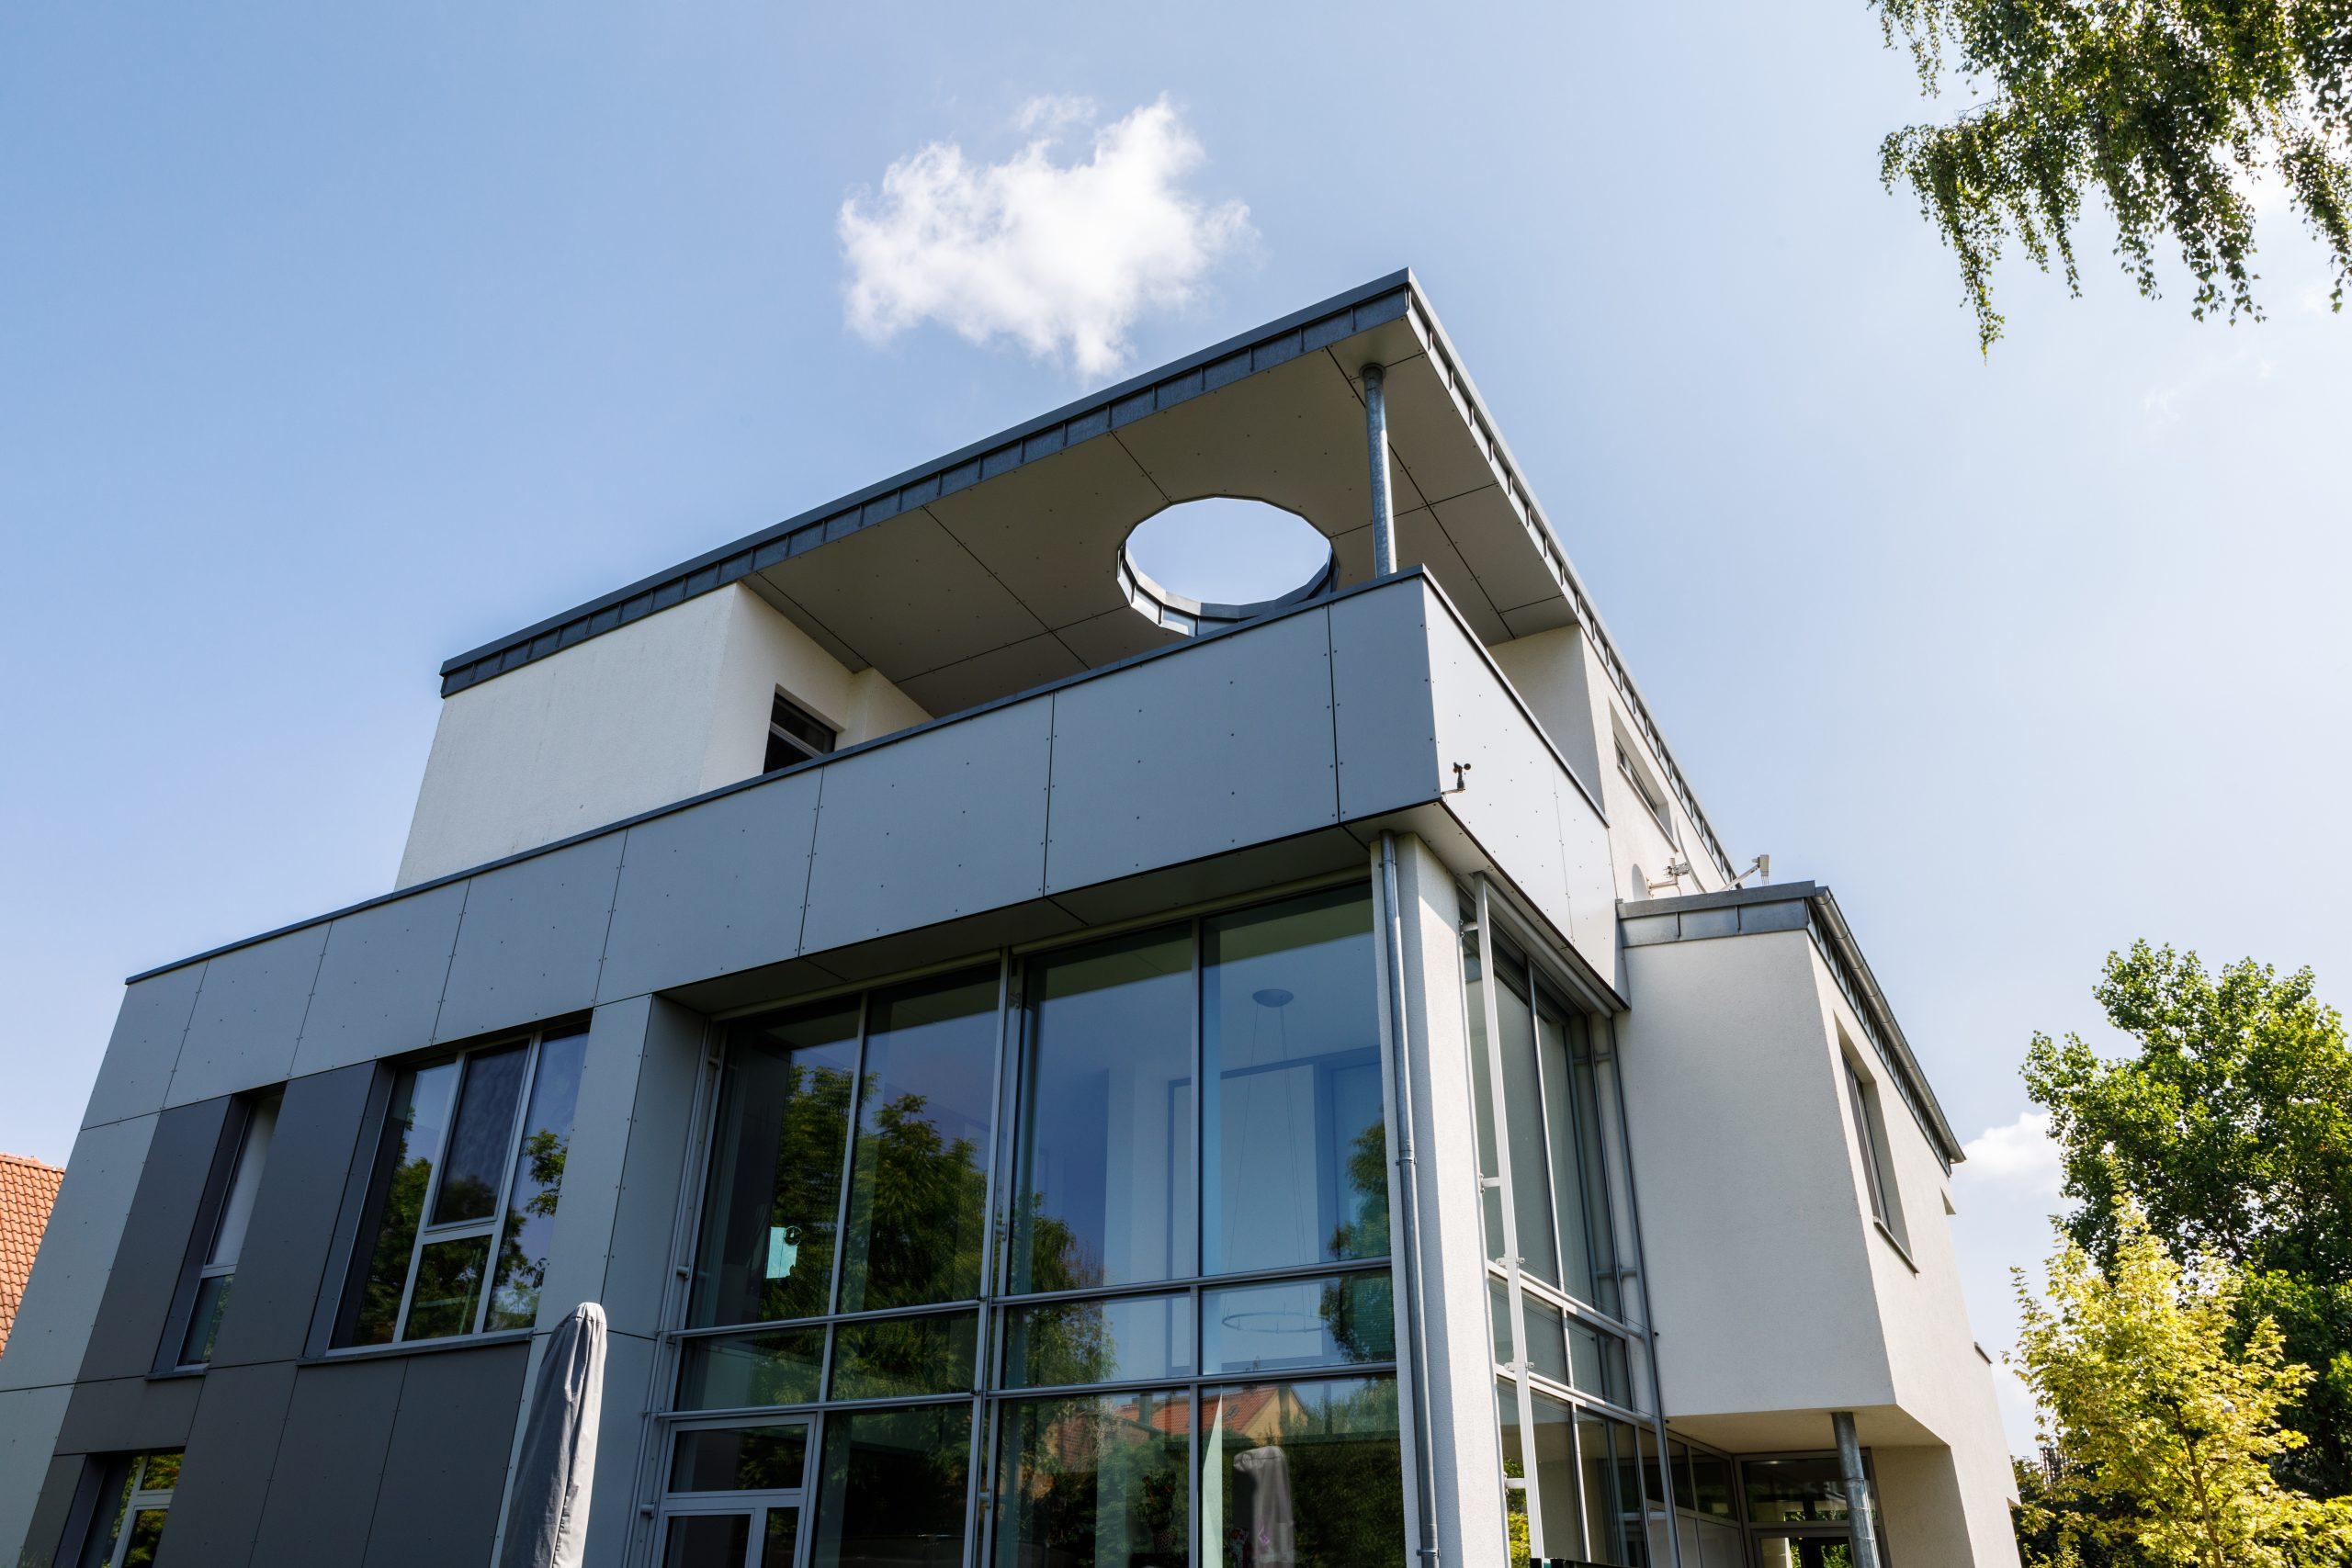 Fassade mit großen Fenstern